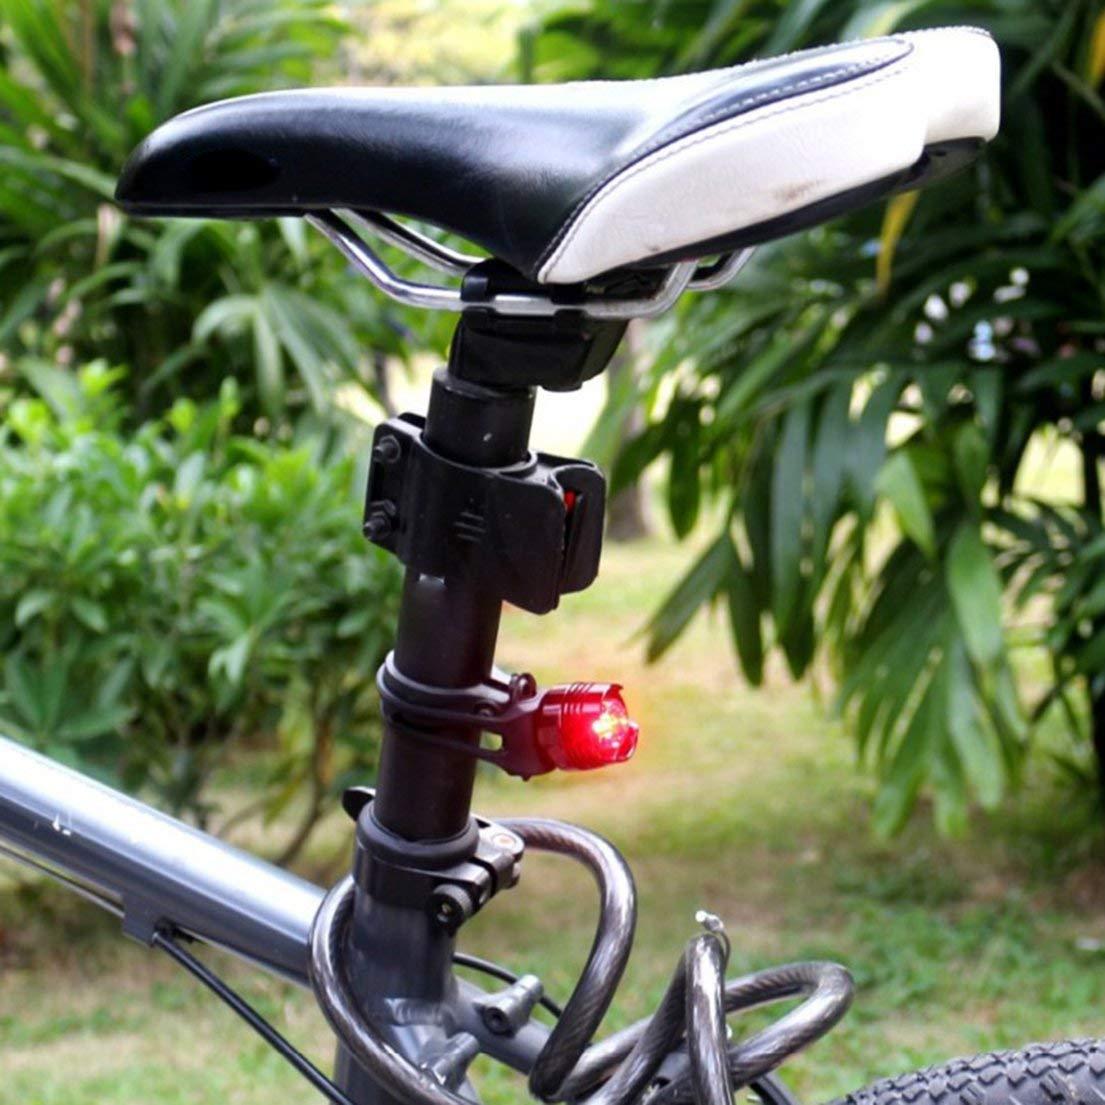 Resalte de Bicicleta Faros Impermeables Combinaci/ón de Luces traseras de Color rub/í Negro Piloto Nocturno Luz de Advertencia de Seguridad Luz Trasera Rojo DFHJSXD